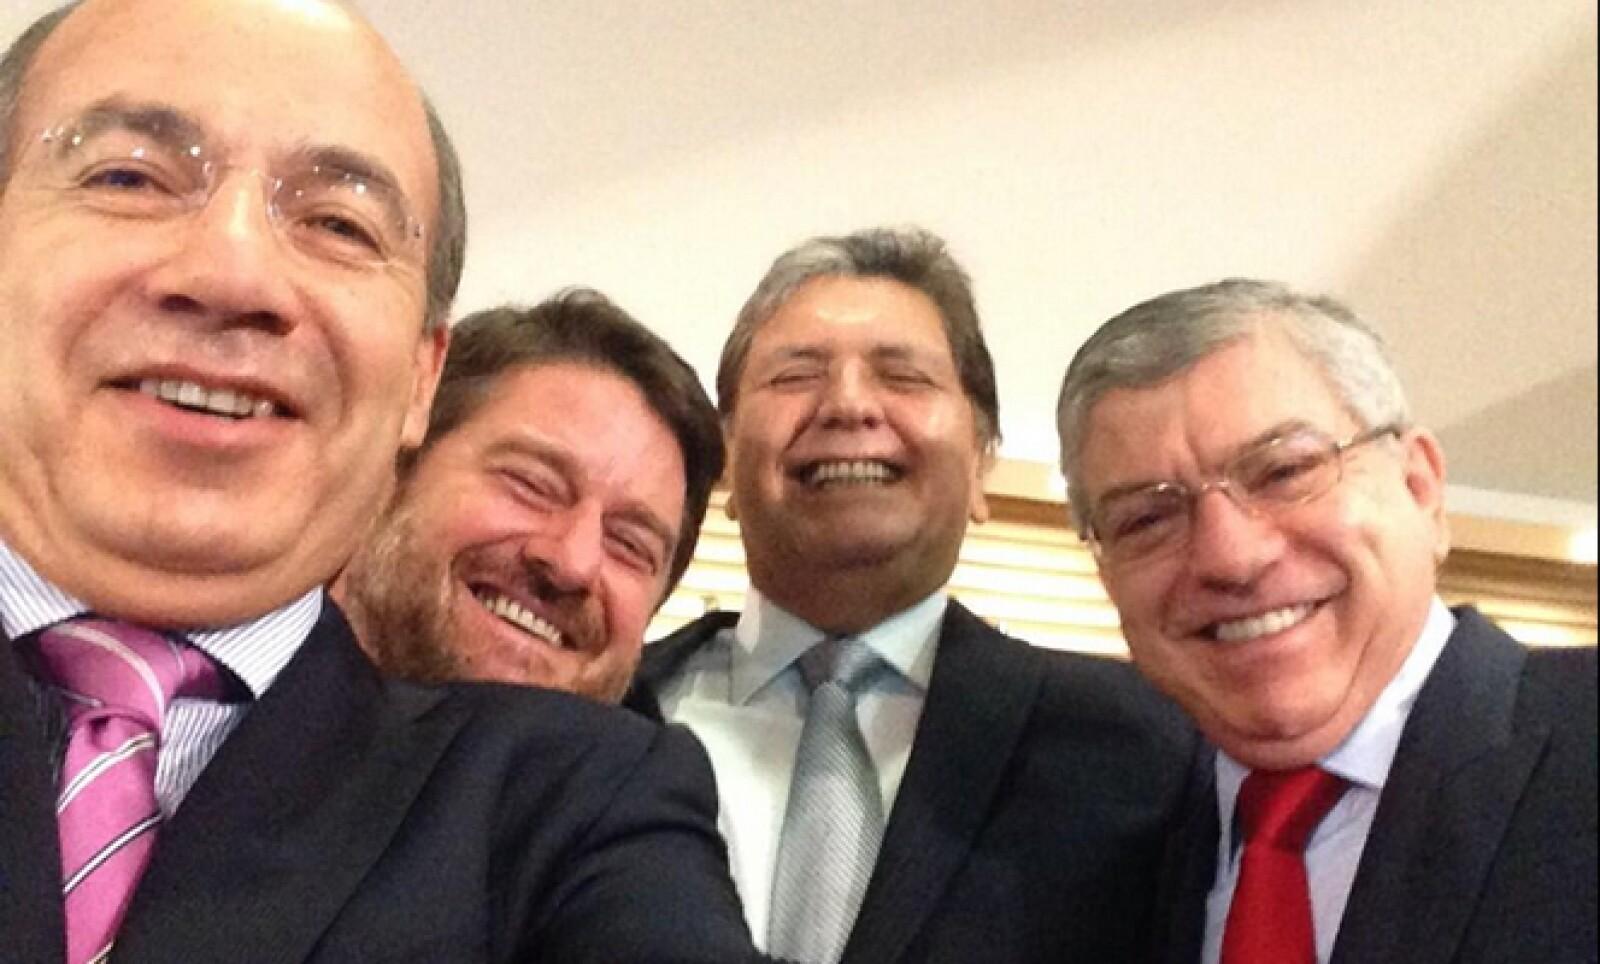 El expresidente Felipe Calderón publicó su 'selfie' acompañado de los expresidentes Alan García de Perú, César Gaviria de Colombia y el ex ministro de Chile Claudio Orrego.